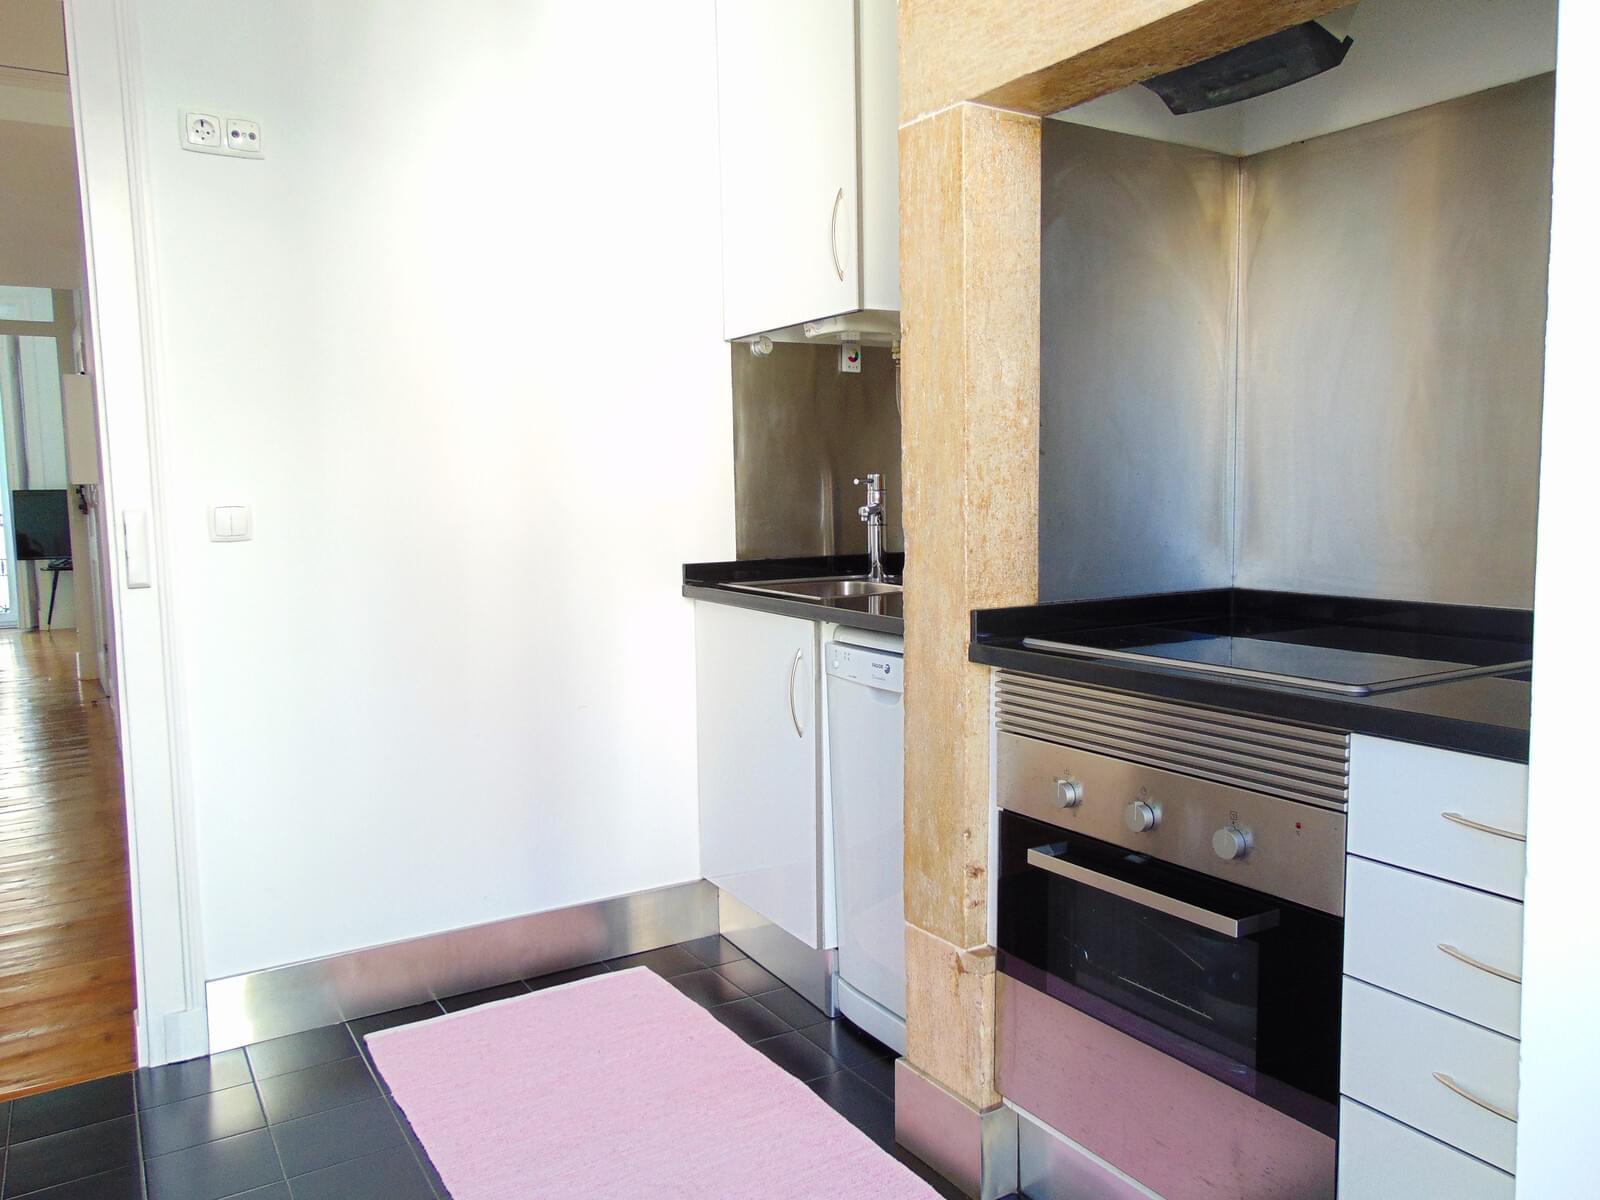 pf18269-apartamento-t1-lisboa-5862f045-8846-4964-8c26-8748906e0e99